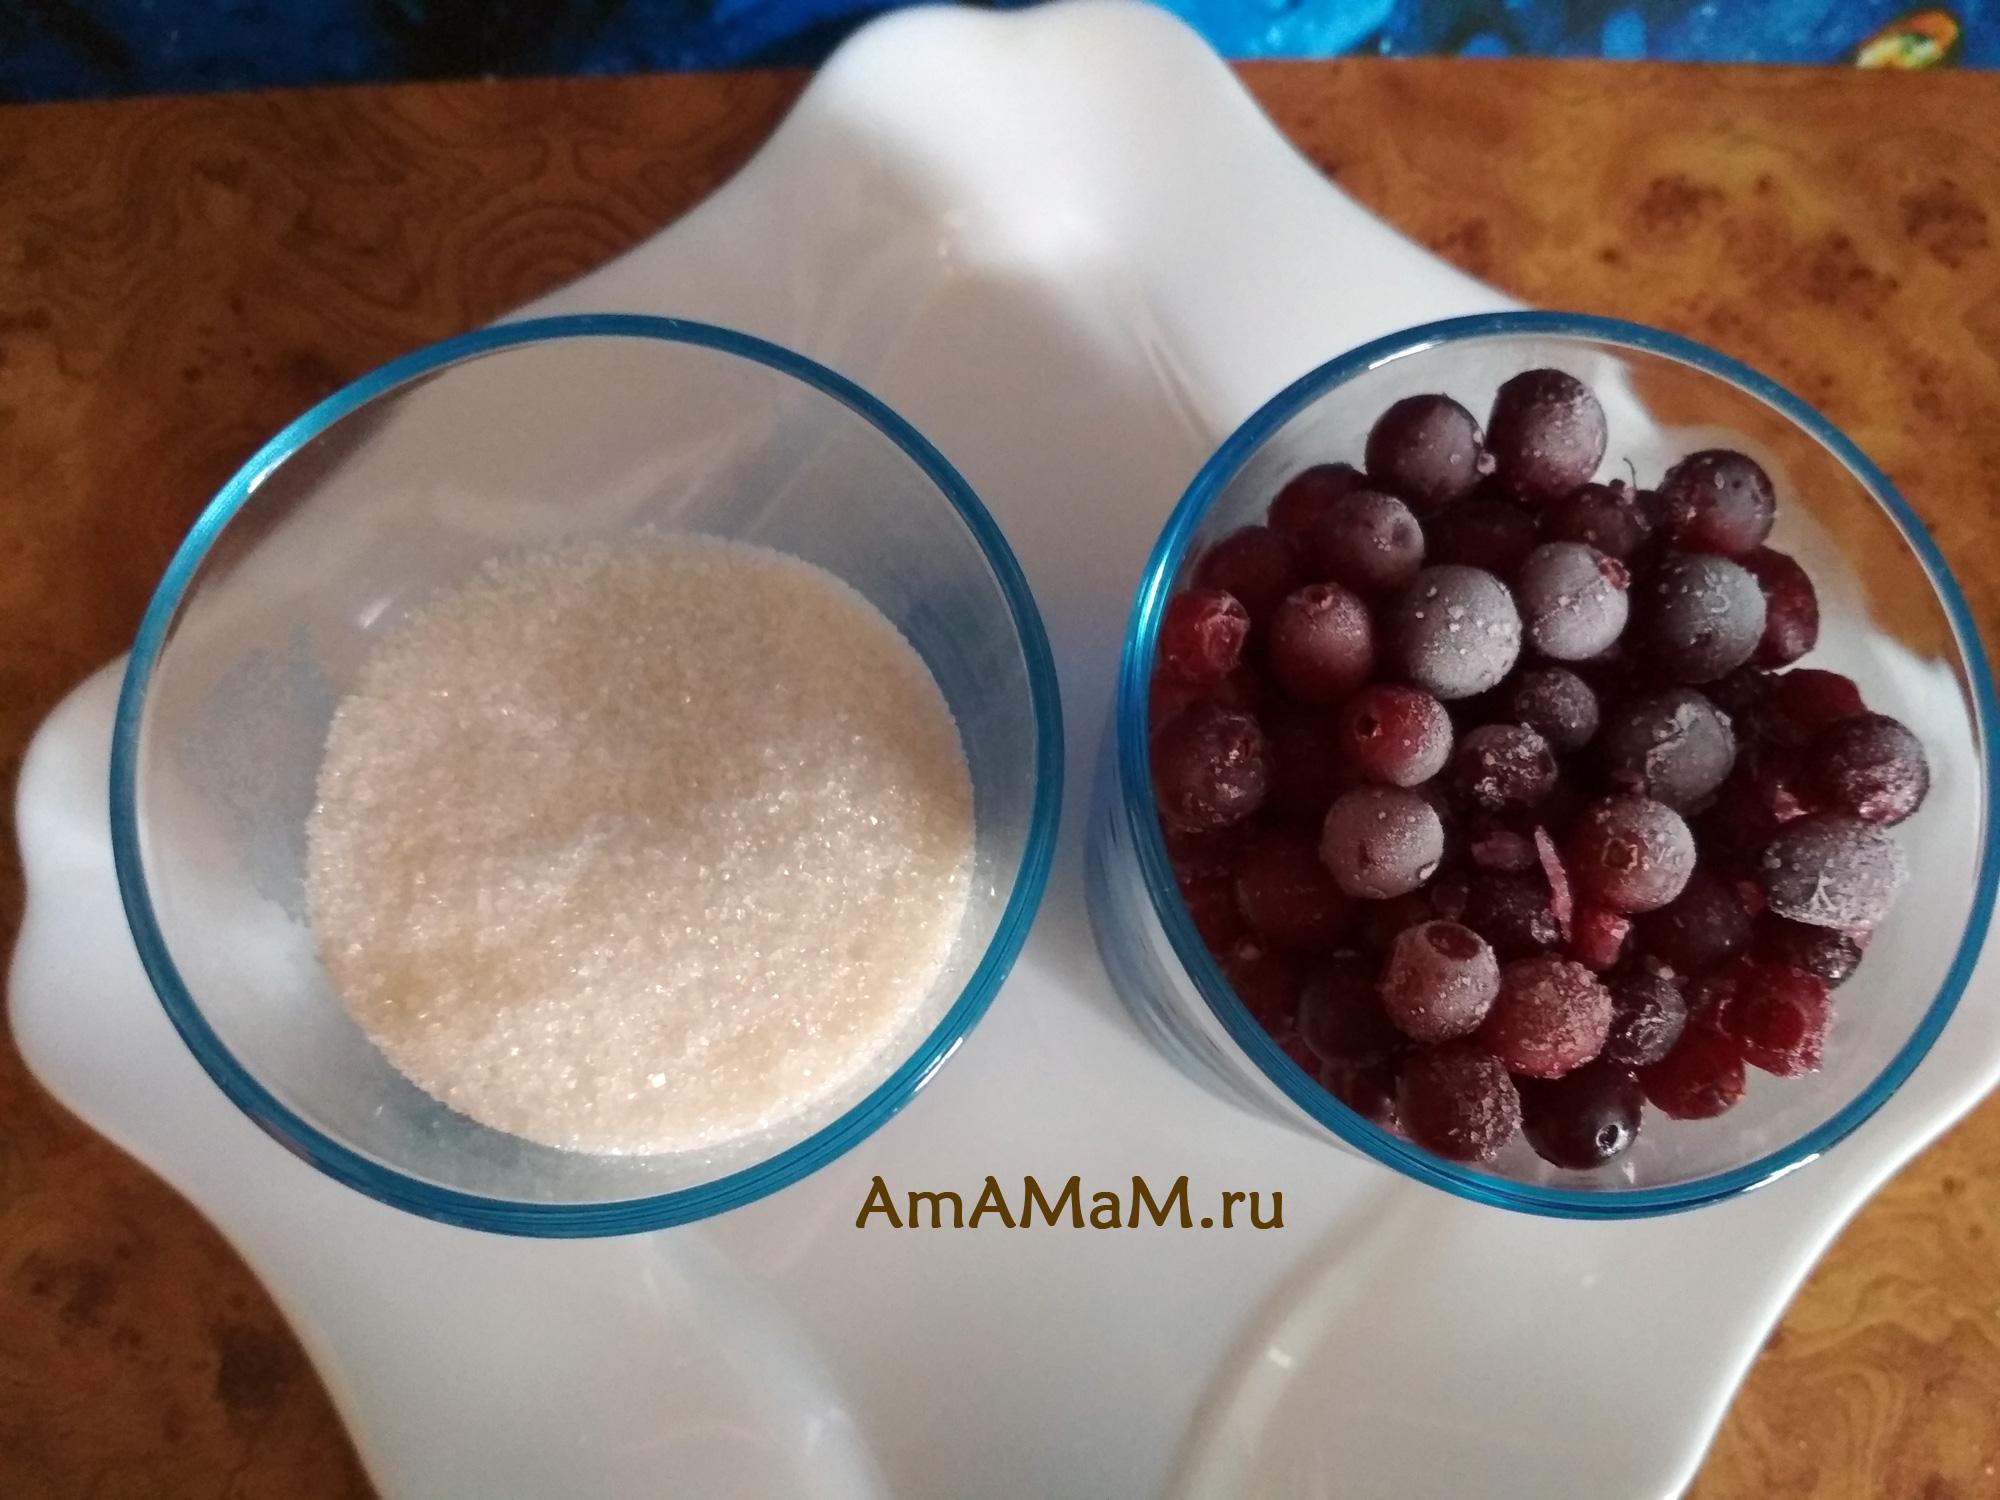 Компот из замороженной вишни: варим вкусный и полезный напиток